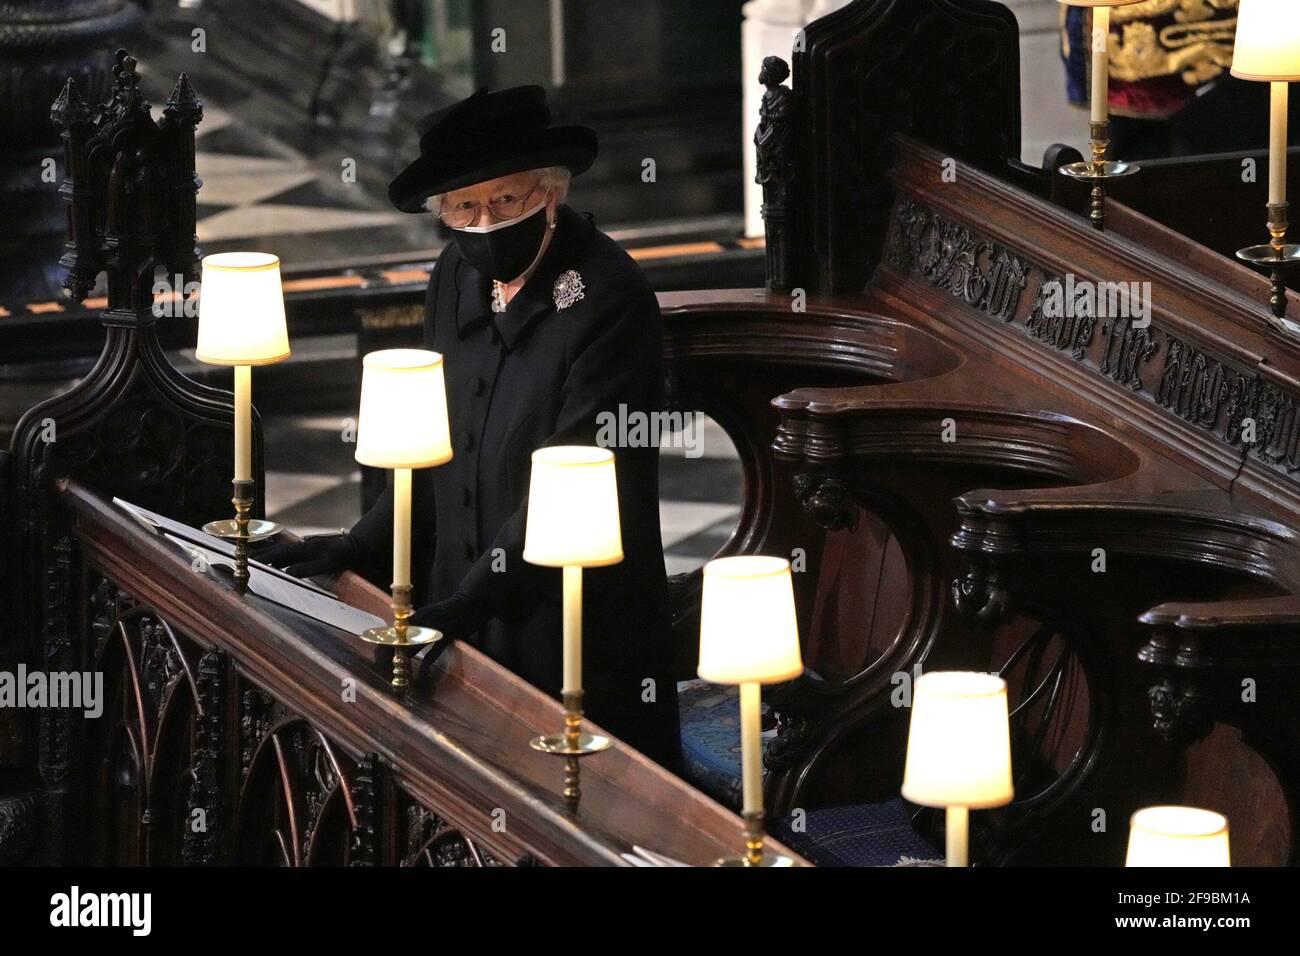 Regina Elisabetta II durante i funerali del Duca di Edimburgo nella Cappella di San Giorgio, Castello di Windsor, Berkshire. Data immagine: Sabato 17 aprile 2021. Foto Stock